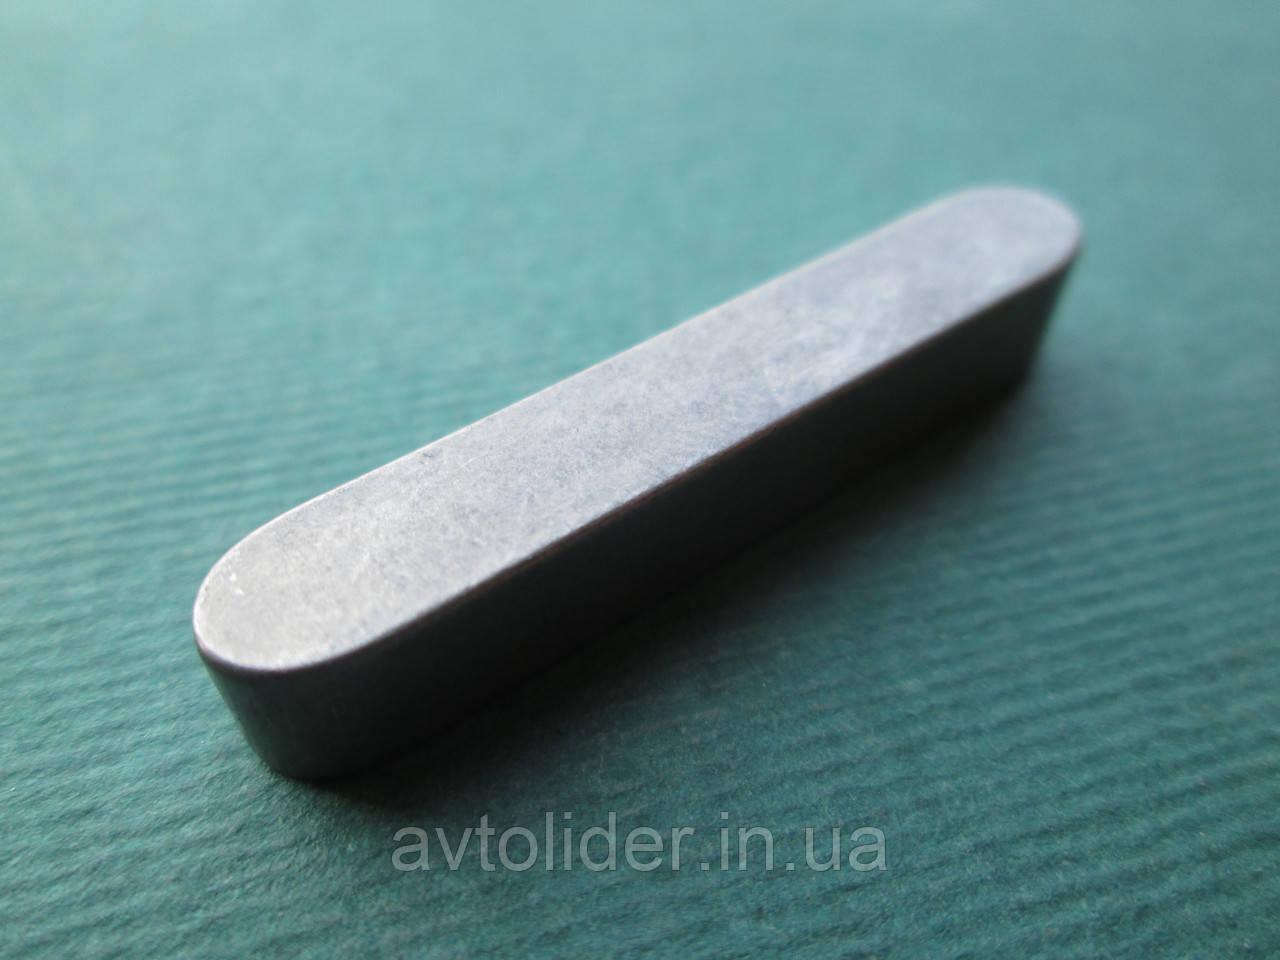 DIN 6885 (ГОСТ 23360-78) : нержавеющая шпонка призматическая высокая